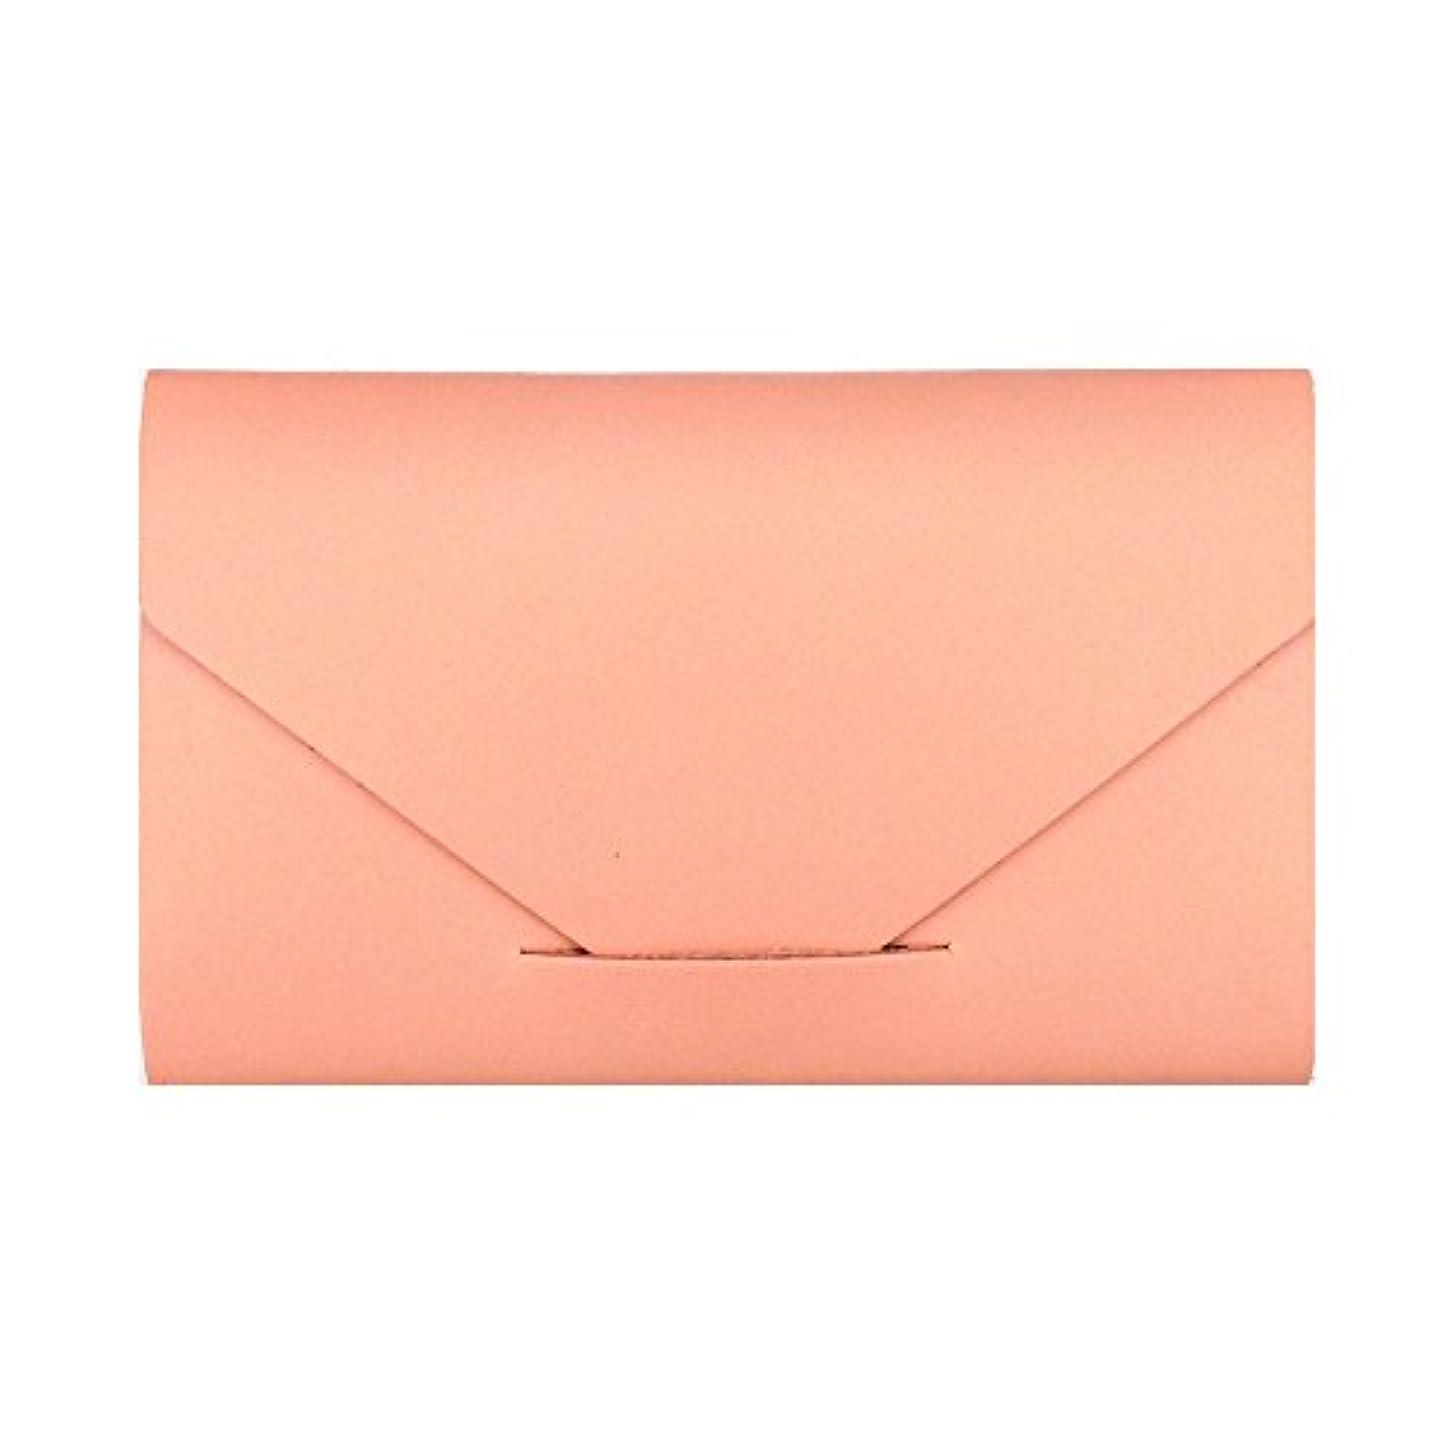 抗議家族拮抗するMODERN AGE TOKYO 2 カードケース(サシェ3種入) ピンク PINK CARD CASE モダンエイジトウキョウツー